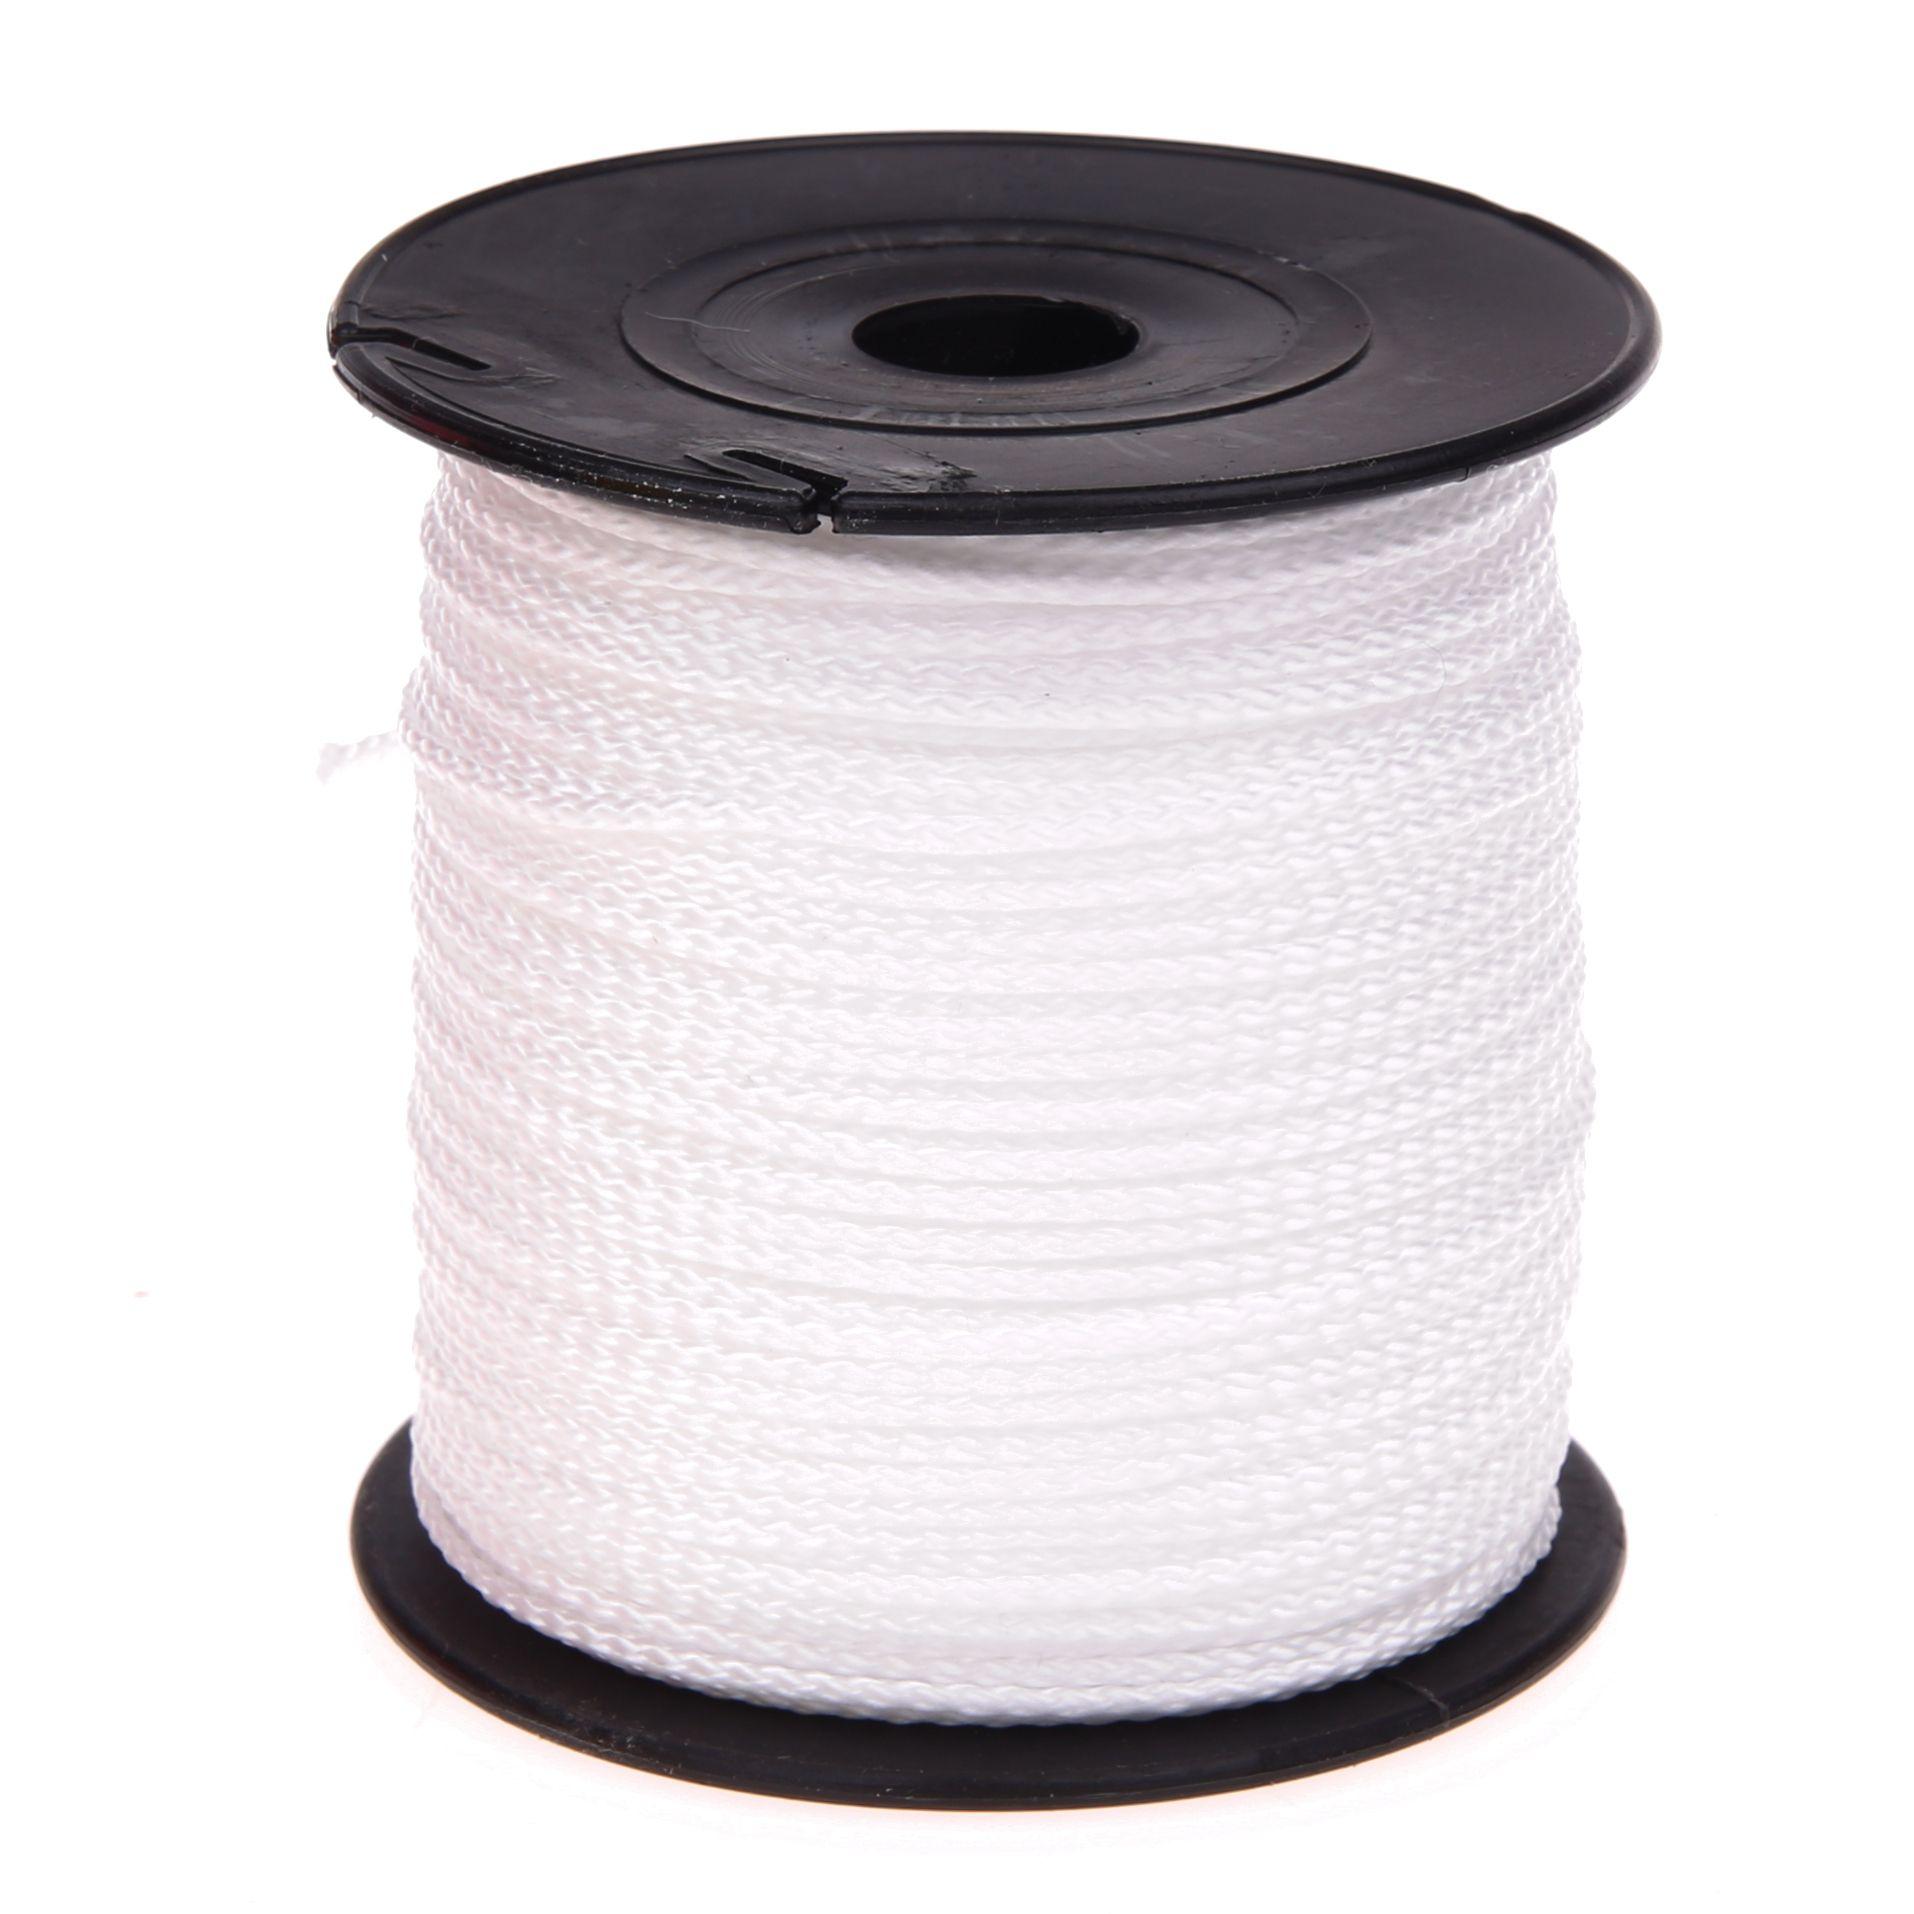 Polyester-Faden Ø 1,5mm • 1 Meter 'weiß' 5814 auf Lager